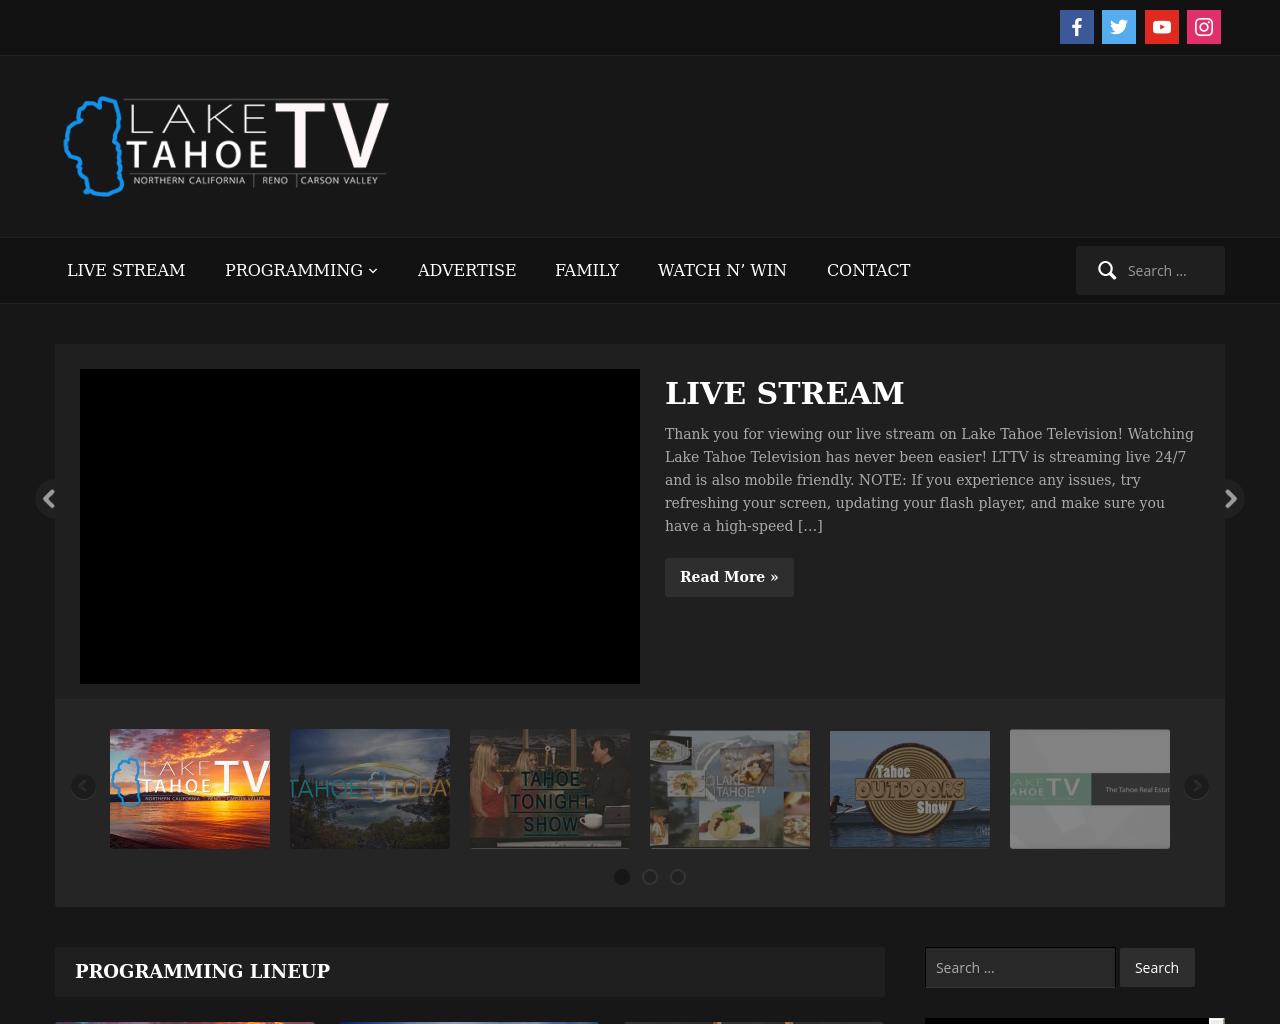 Lake-Tahoe-Tv-Advertising-Reviews-Pricing